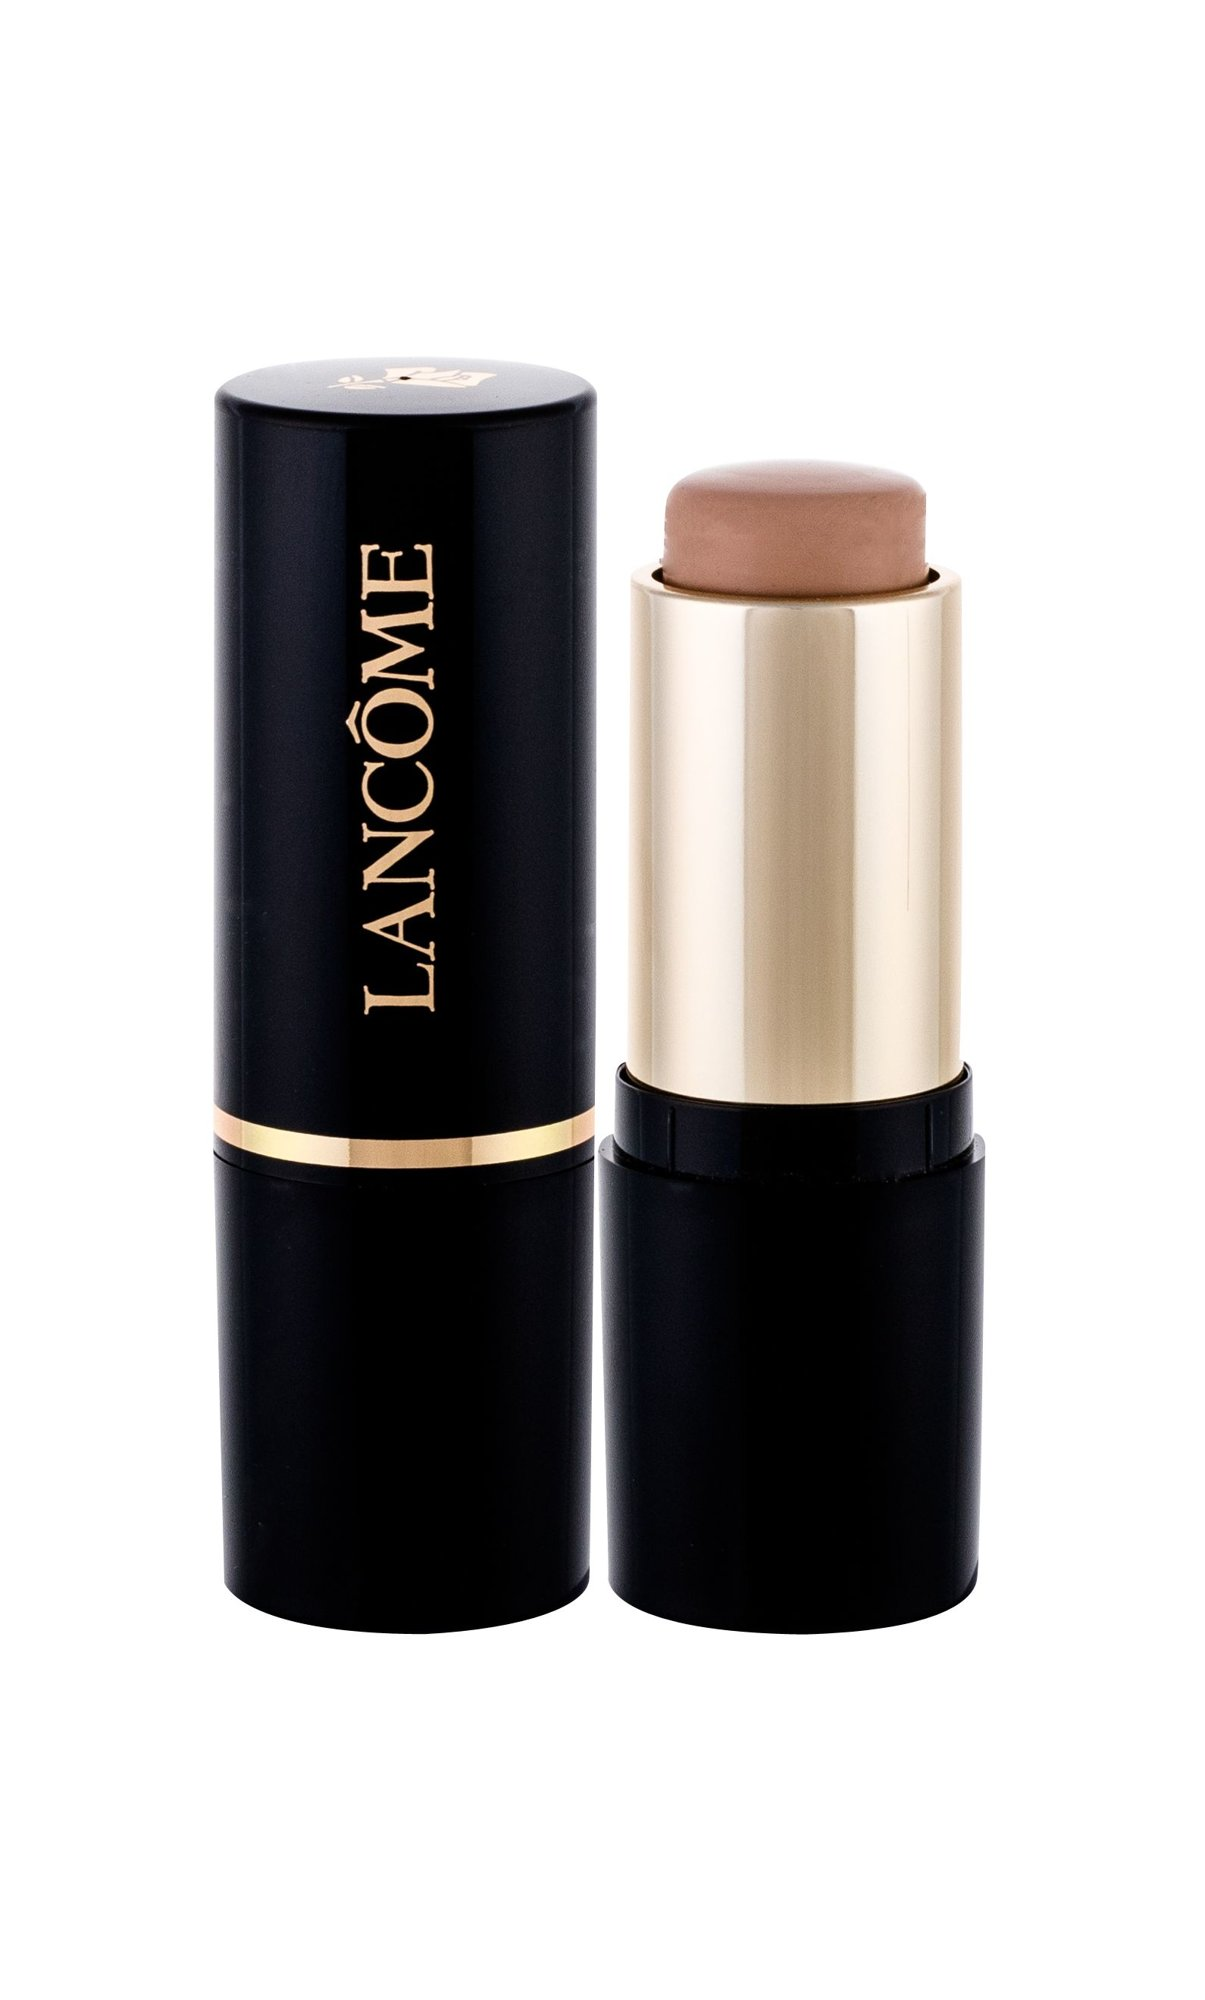 Lancôme Teint Idole Ultra Wear Makeup 9ml 010 Beige Porcelaine